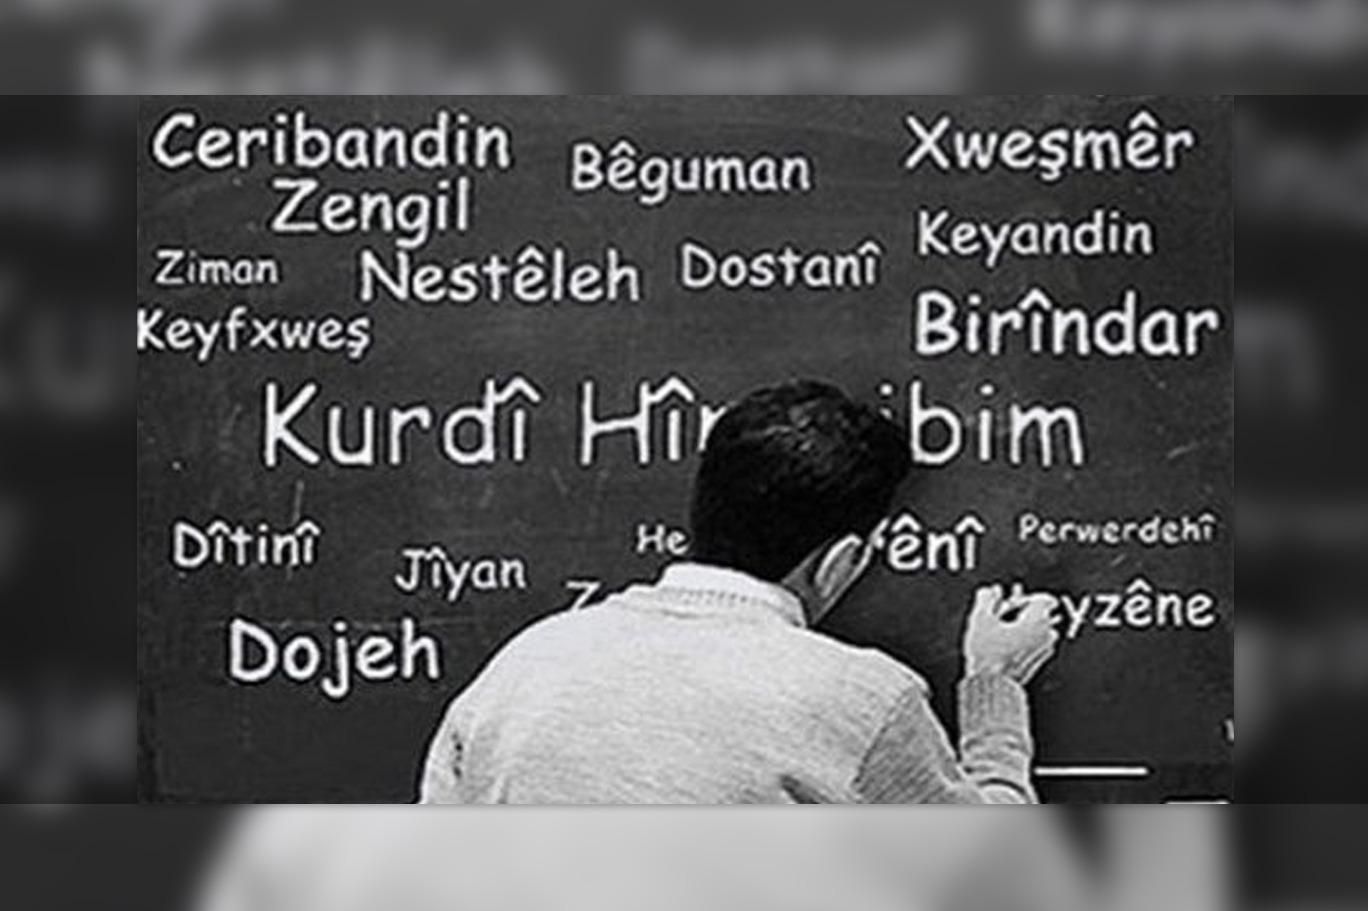 Kürtçe kurslar, online olarak sürecek: Yoğun talep...